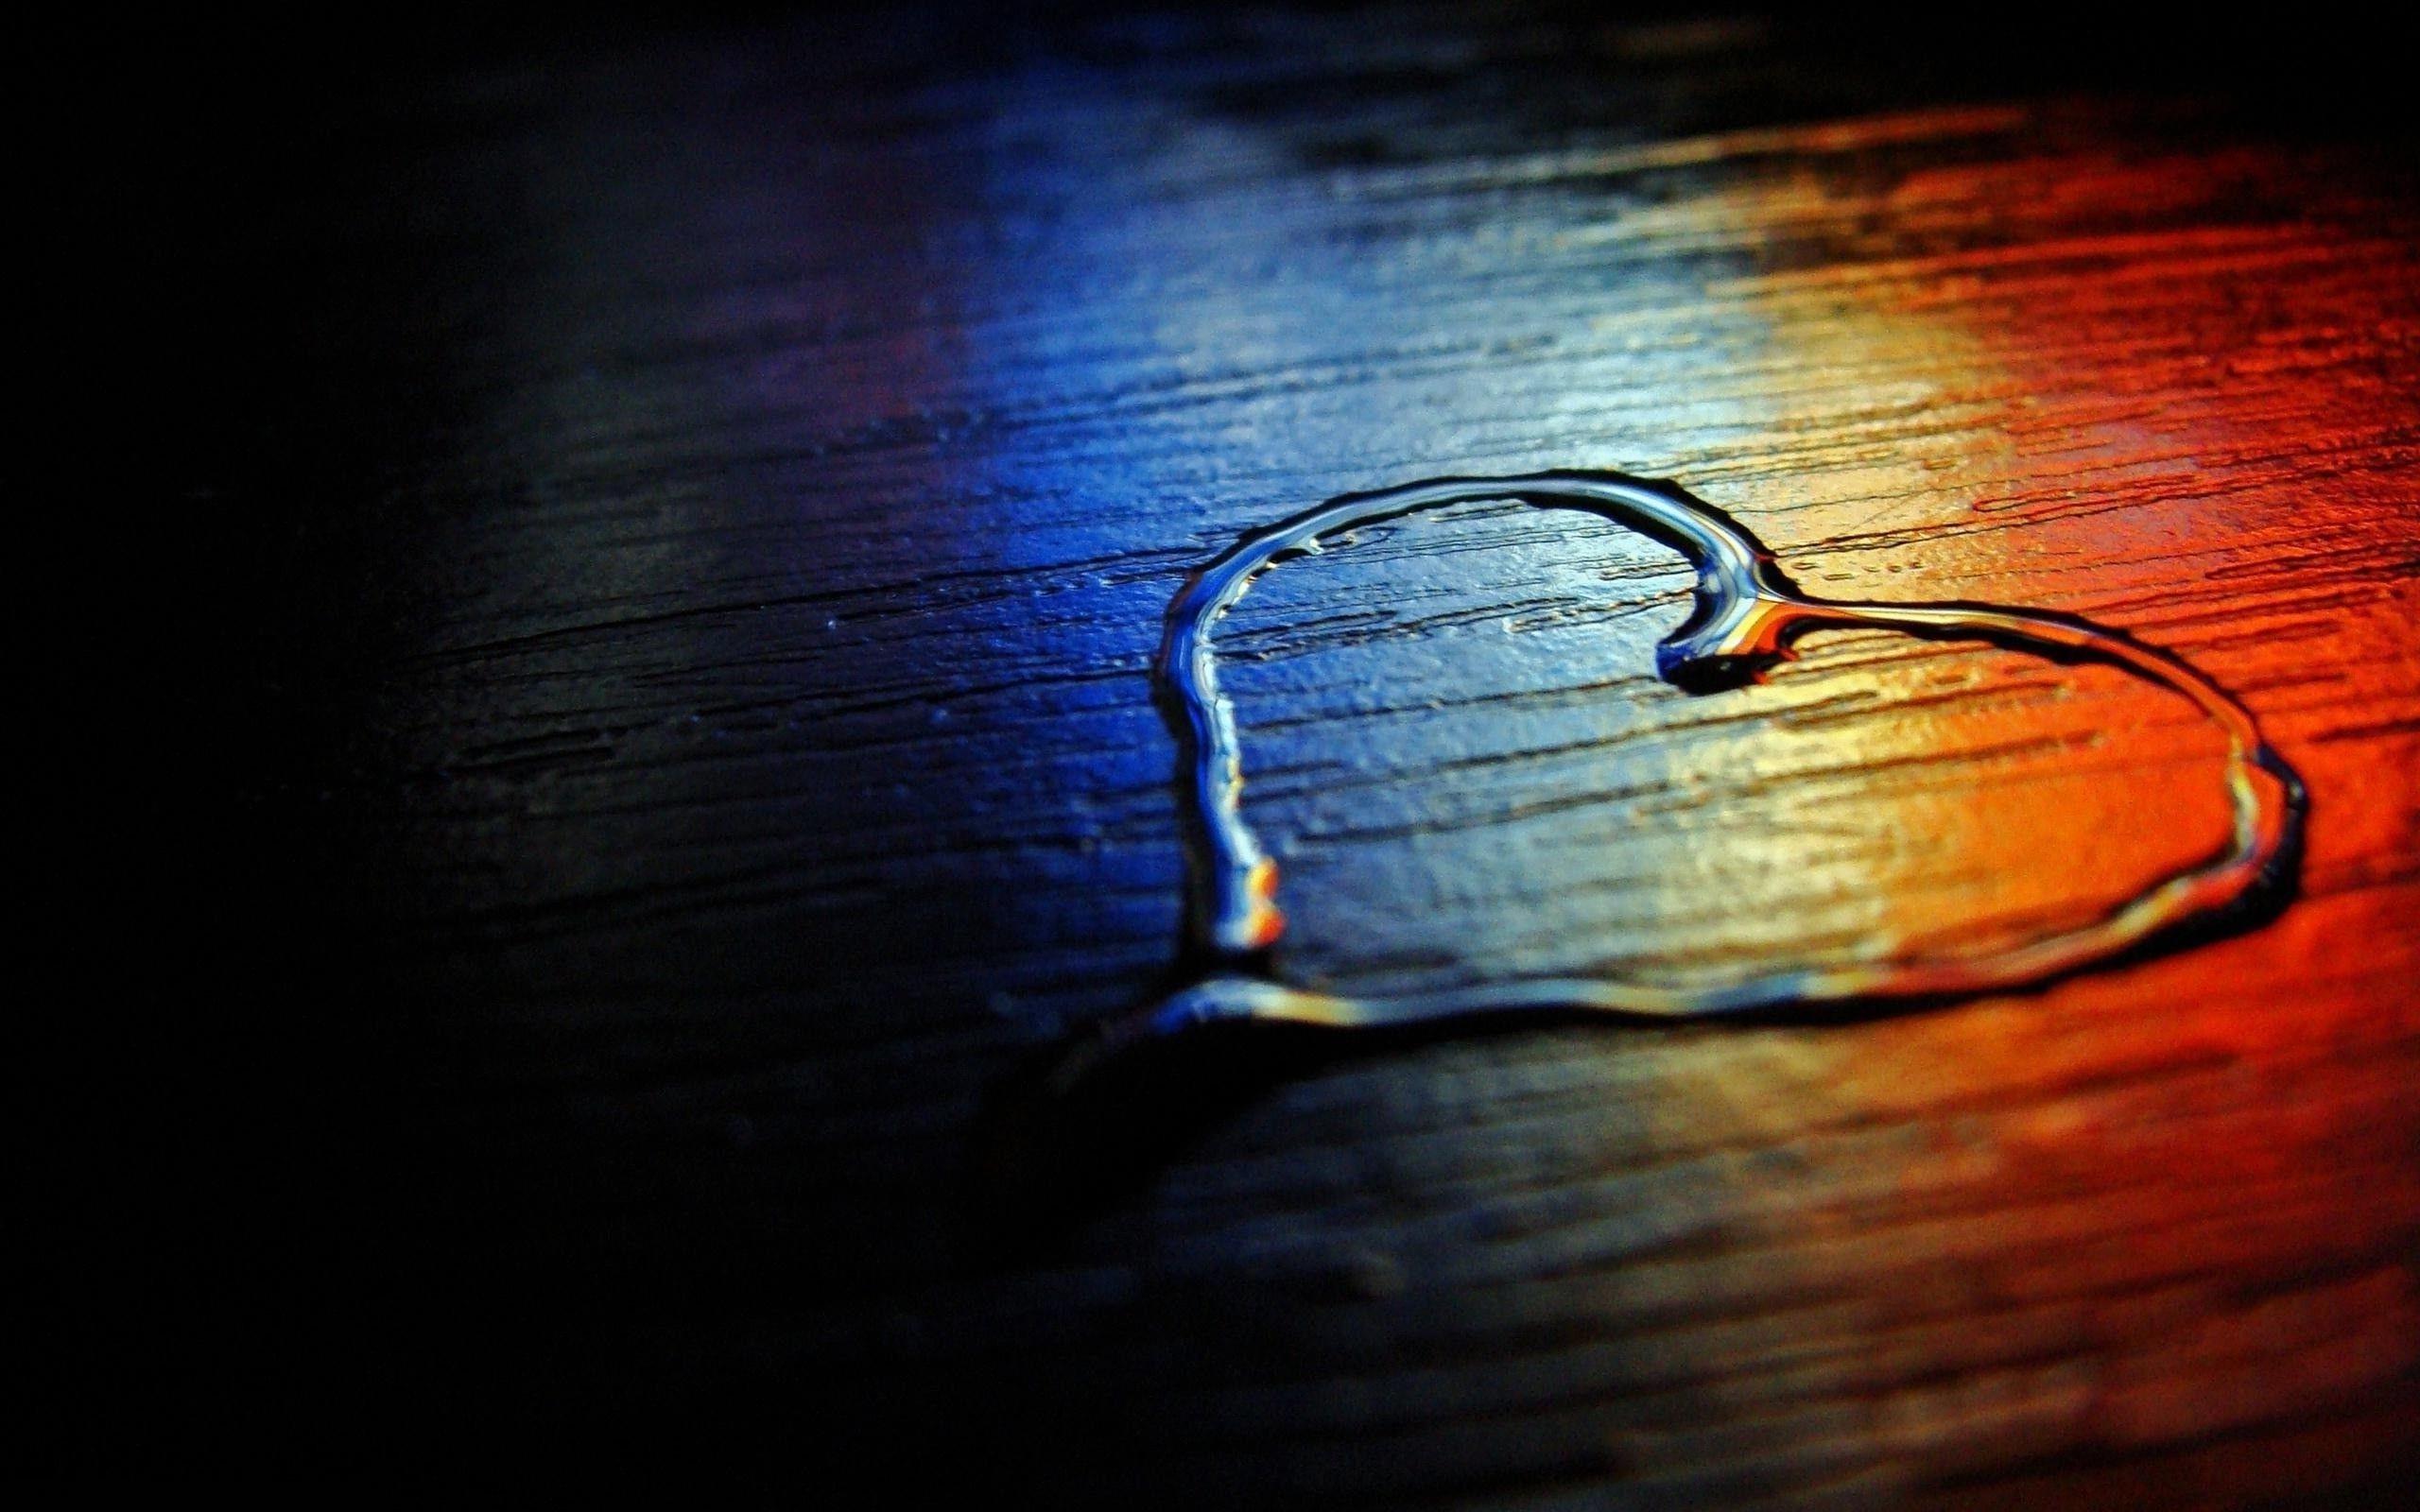 Heart, rainbow, wood floor, water, love, photography, desktop wallpaper